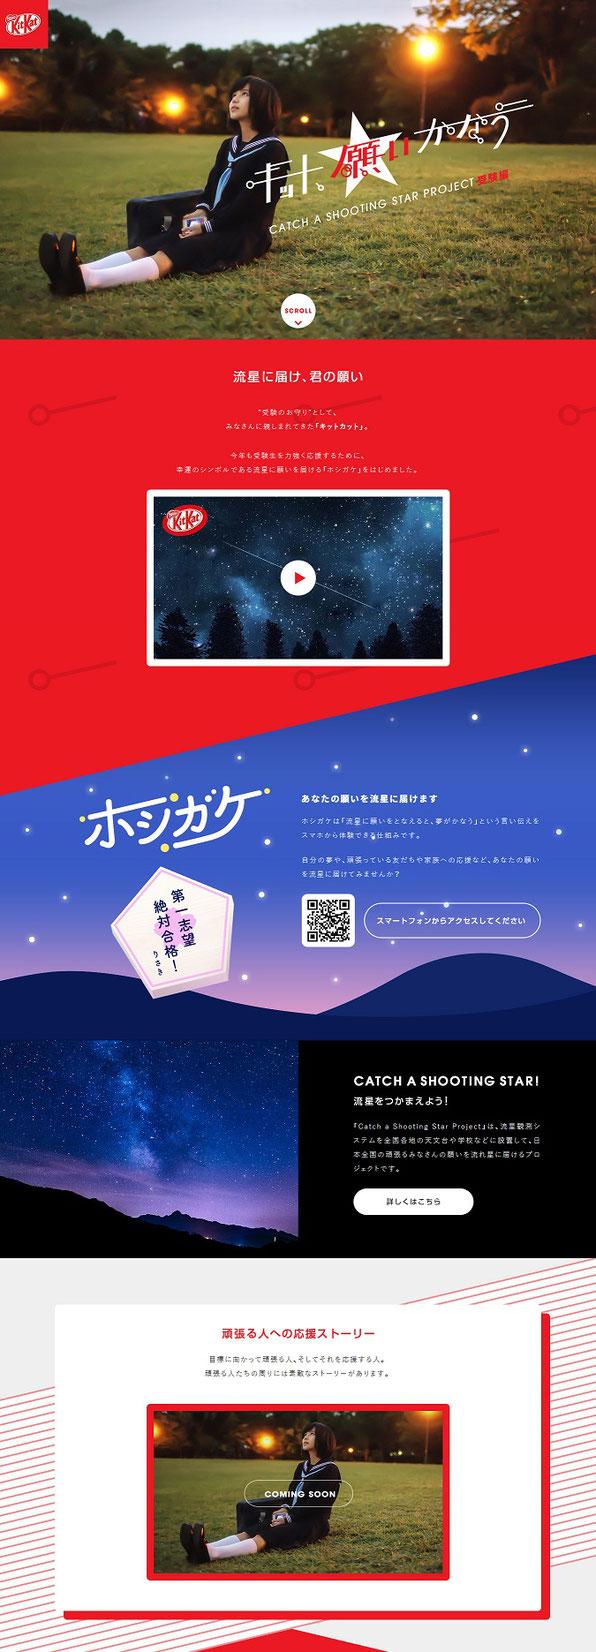 【ネスレ】キットカット キット、願いかなう CATCH A SHOOTING STAR PROJECT 受験編